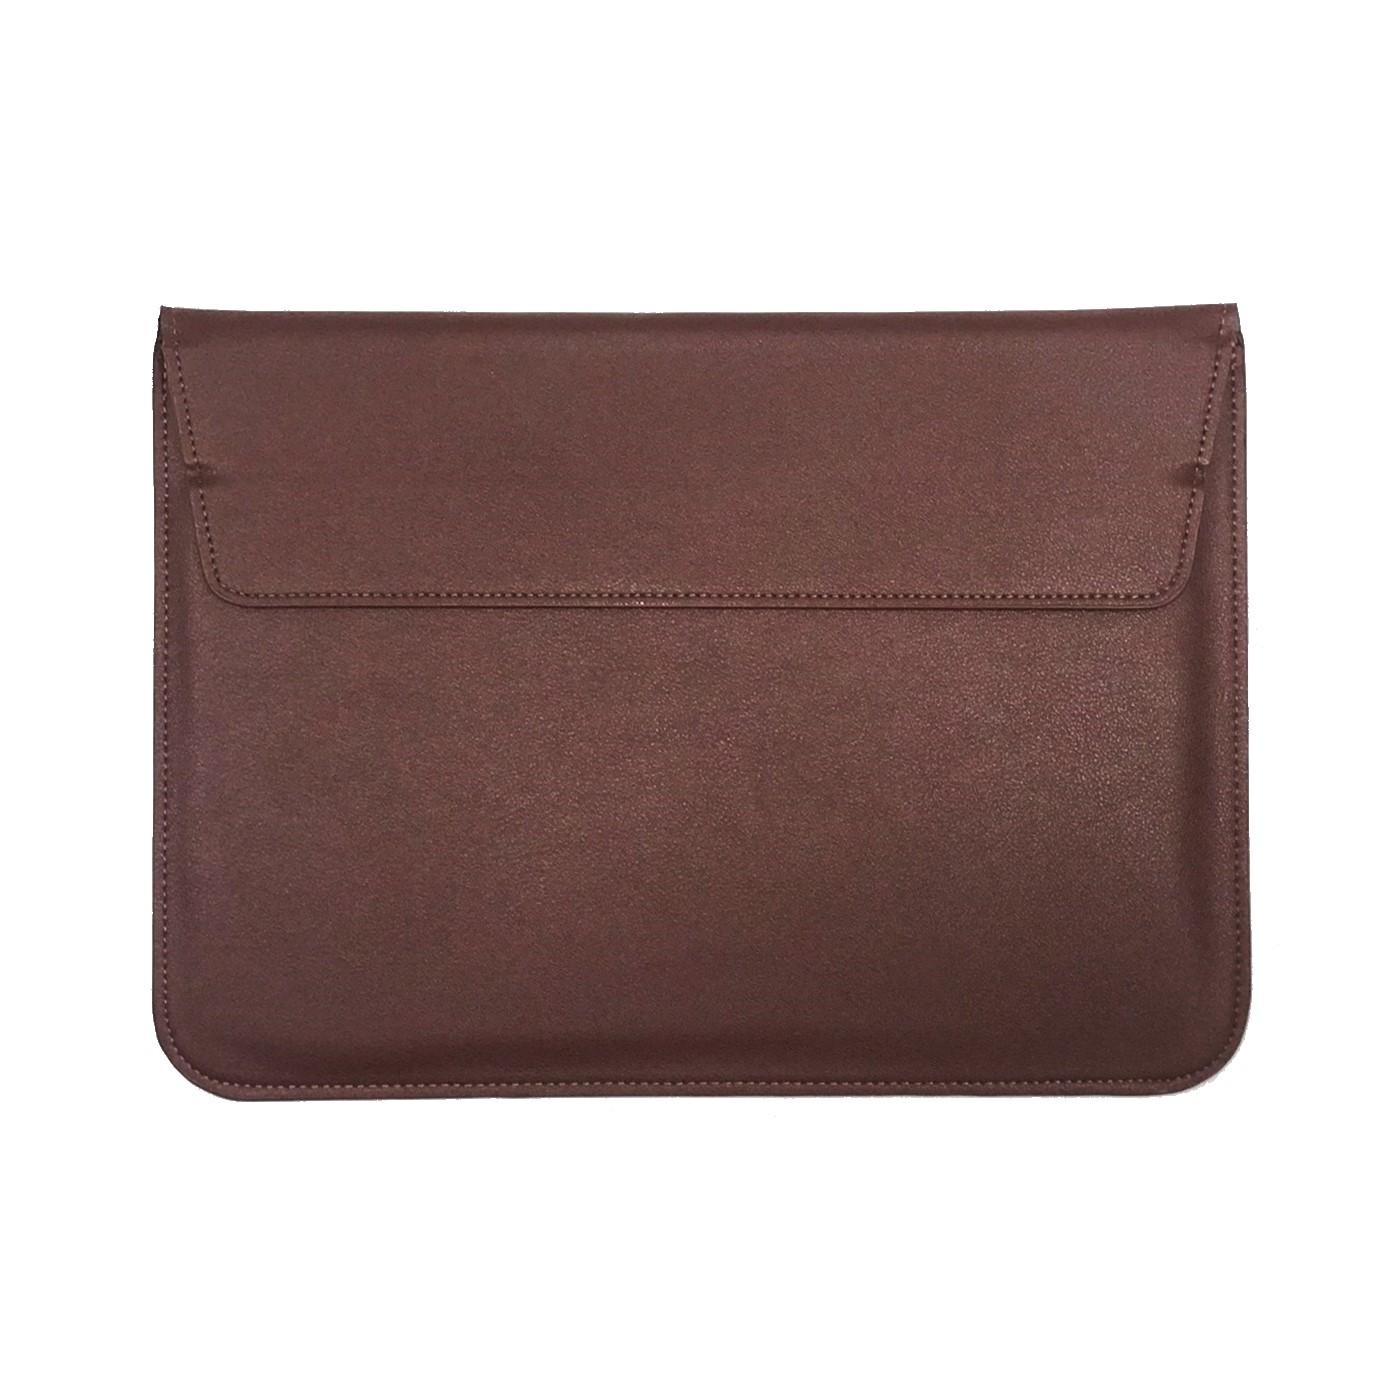 삼성 갤럭시북 / 플렉스 이온 S / LG 그램 / 맥북 호환 노트북 슬리브 파우치, 브라운